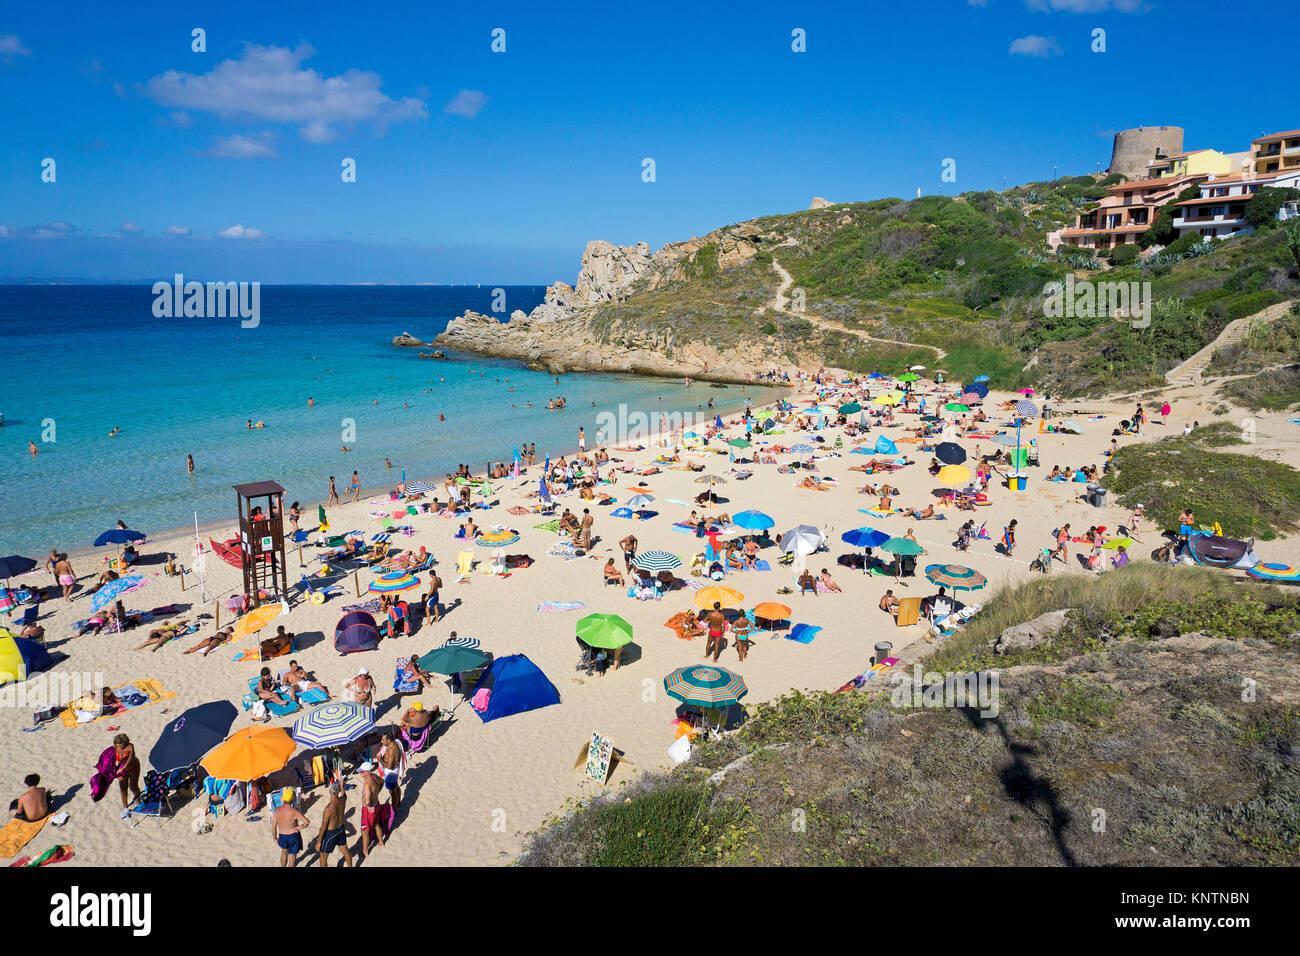 Beachlife am Strand Rena Bianca, Santa Teresa di Gallura, Sardinien, Italien, Mittelmeer, Europa Stockfoto